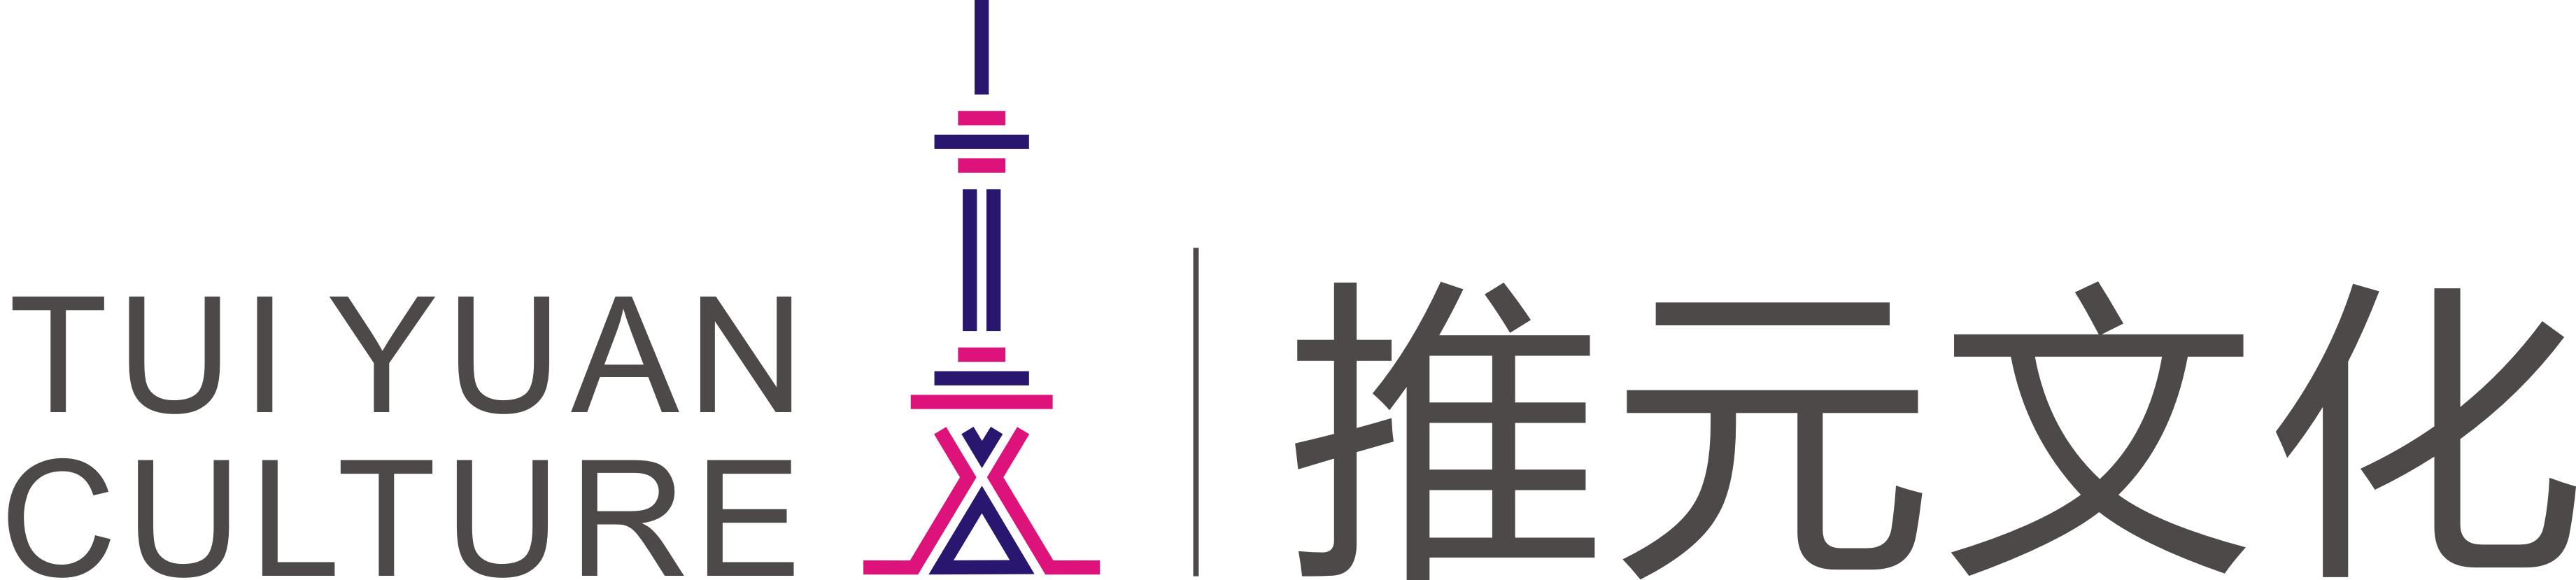 推元文化 电子书制作软件